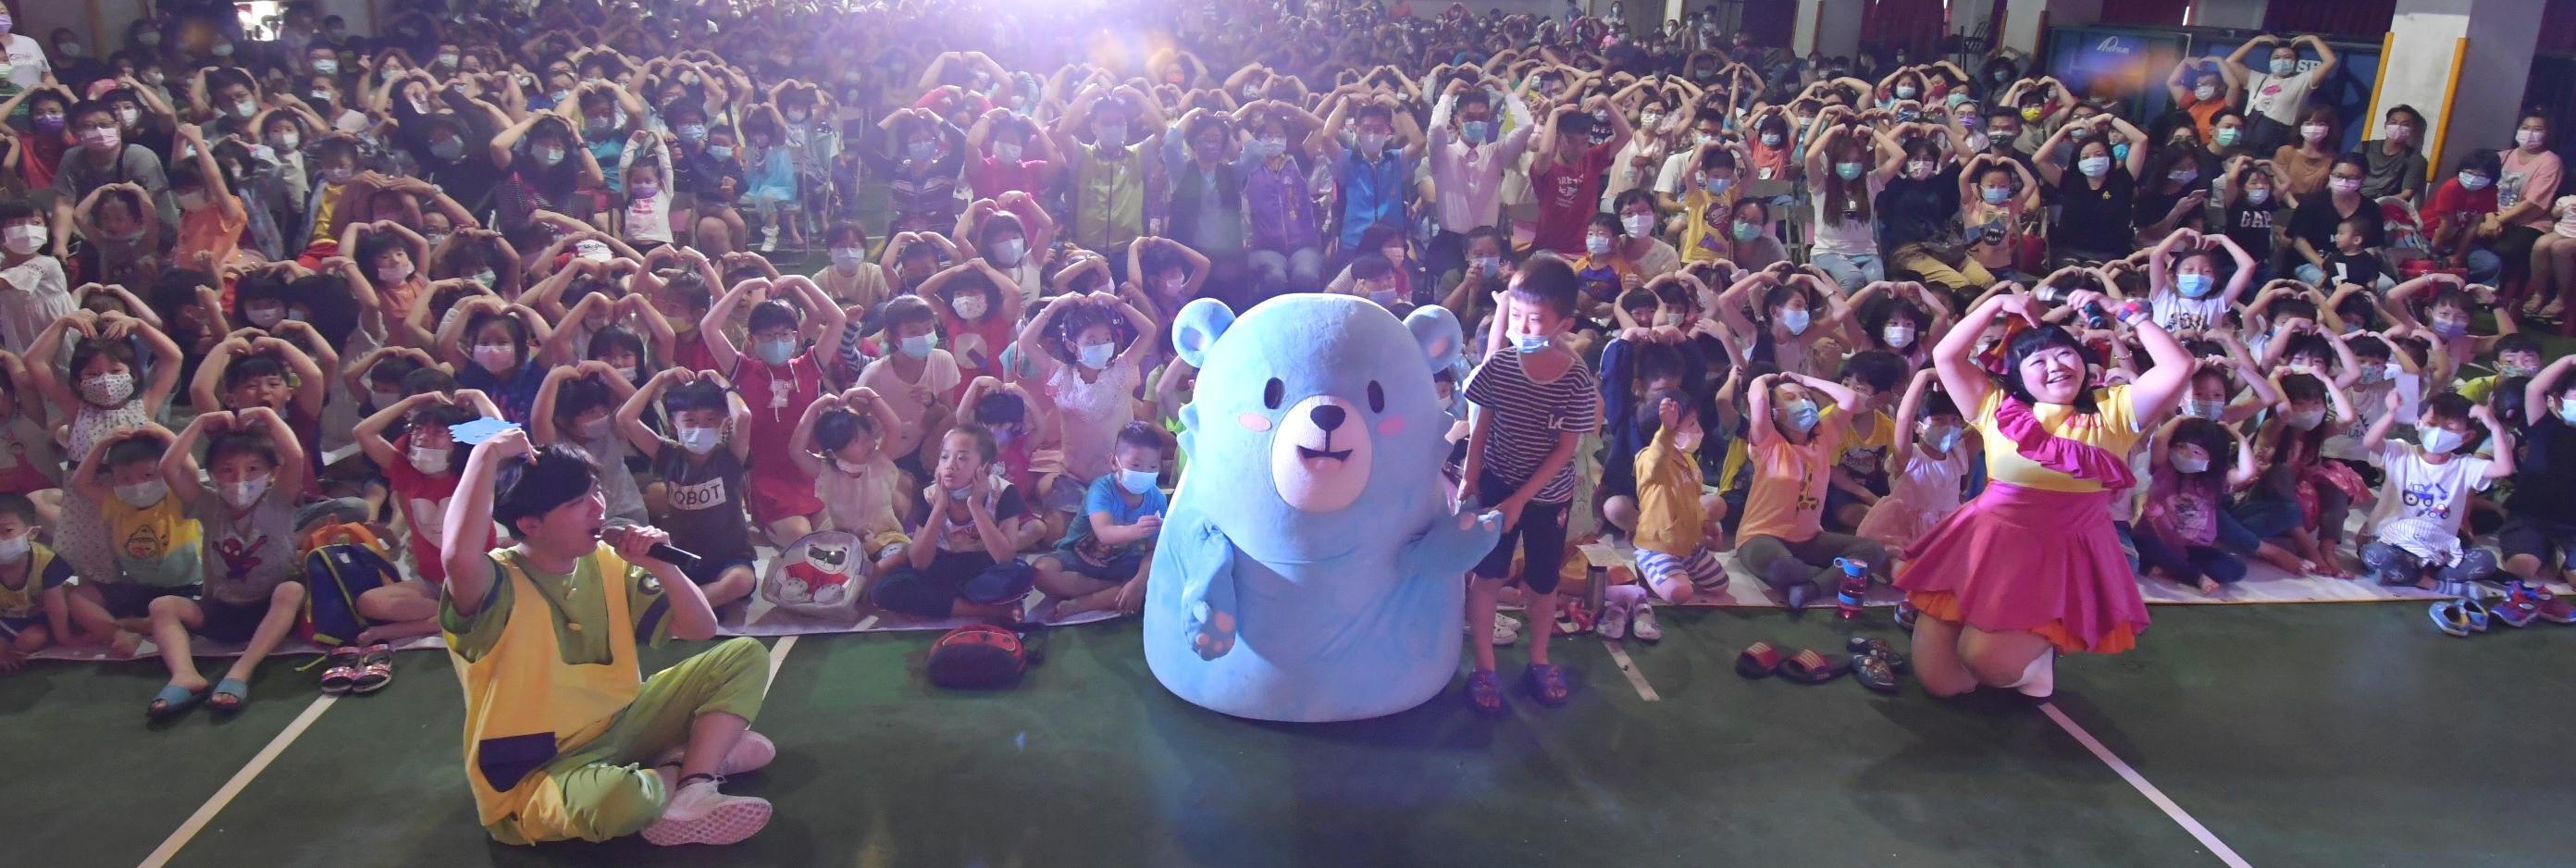 「彰化囝仔好幸福─110年兒童劇鄉鎮巡演活動」 第一場福興國中登場